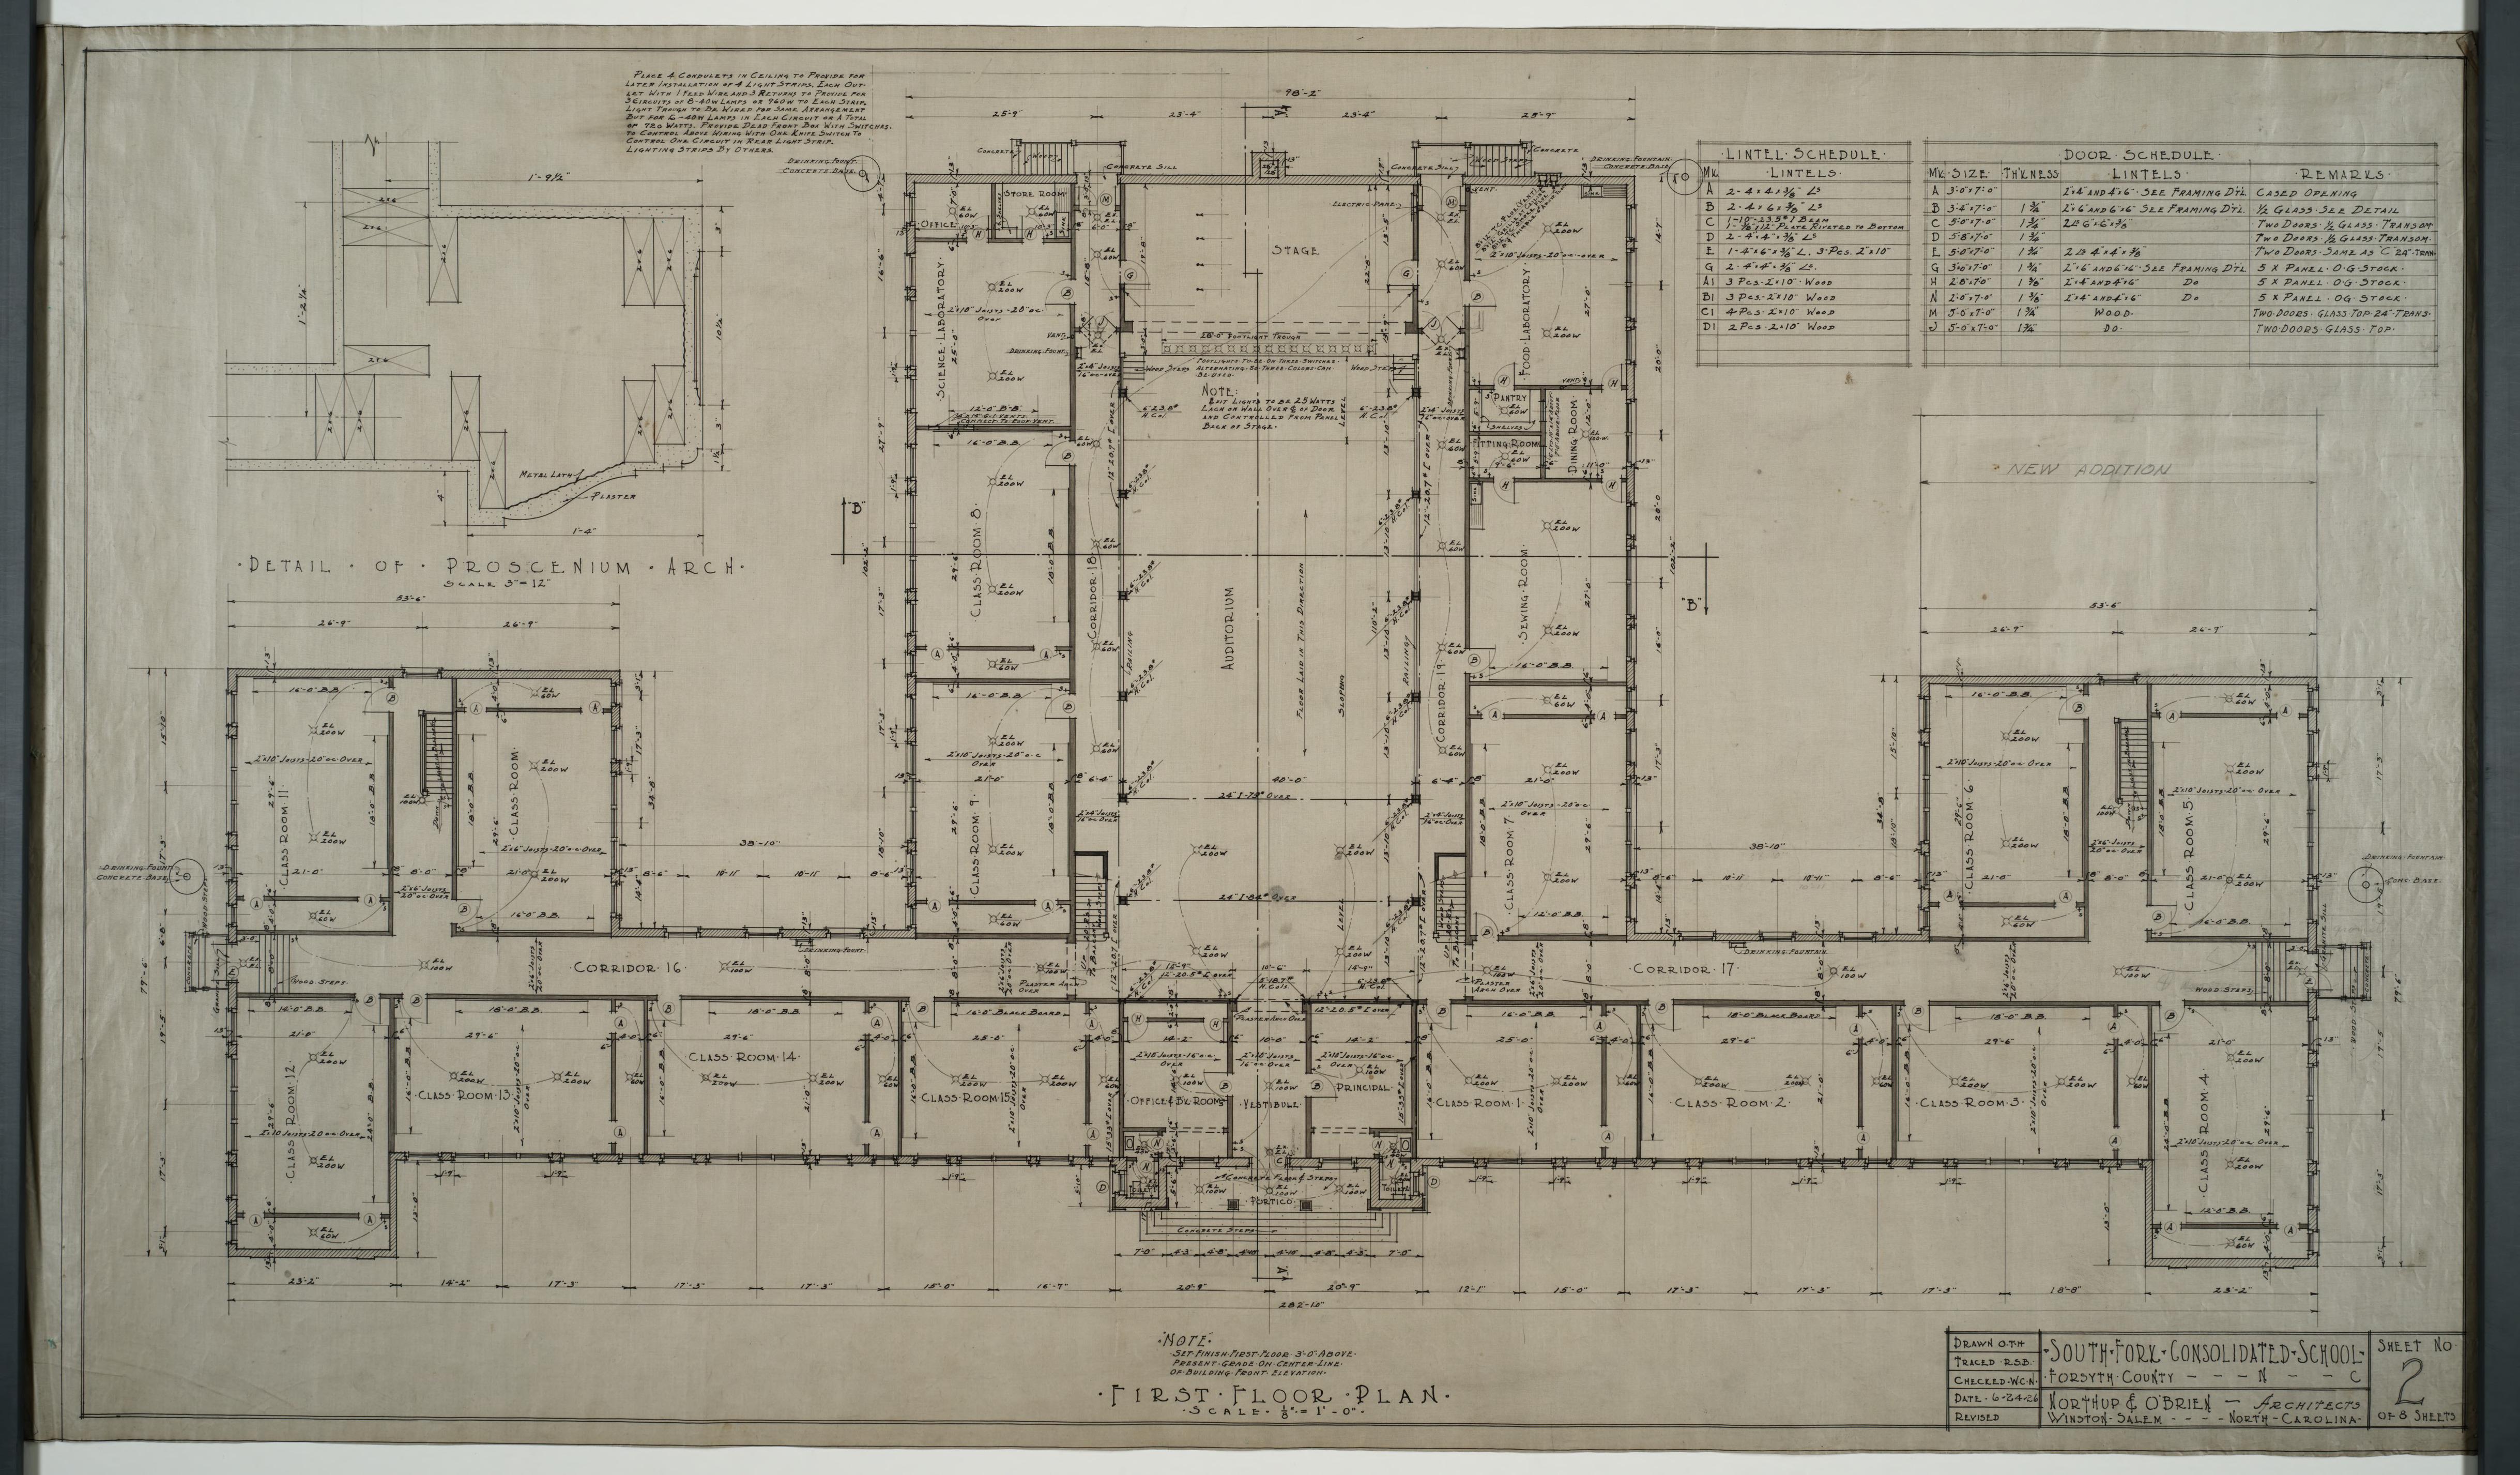 First floor plan proscenium arch detail door schedule for Southfork ranch house floor plan